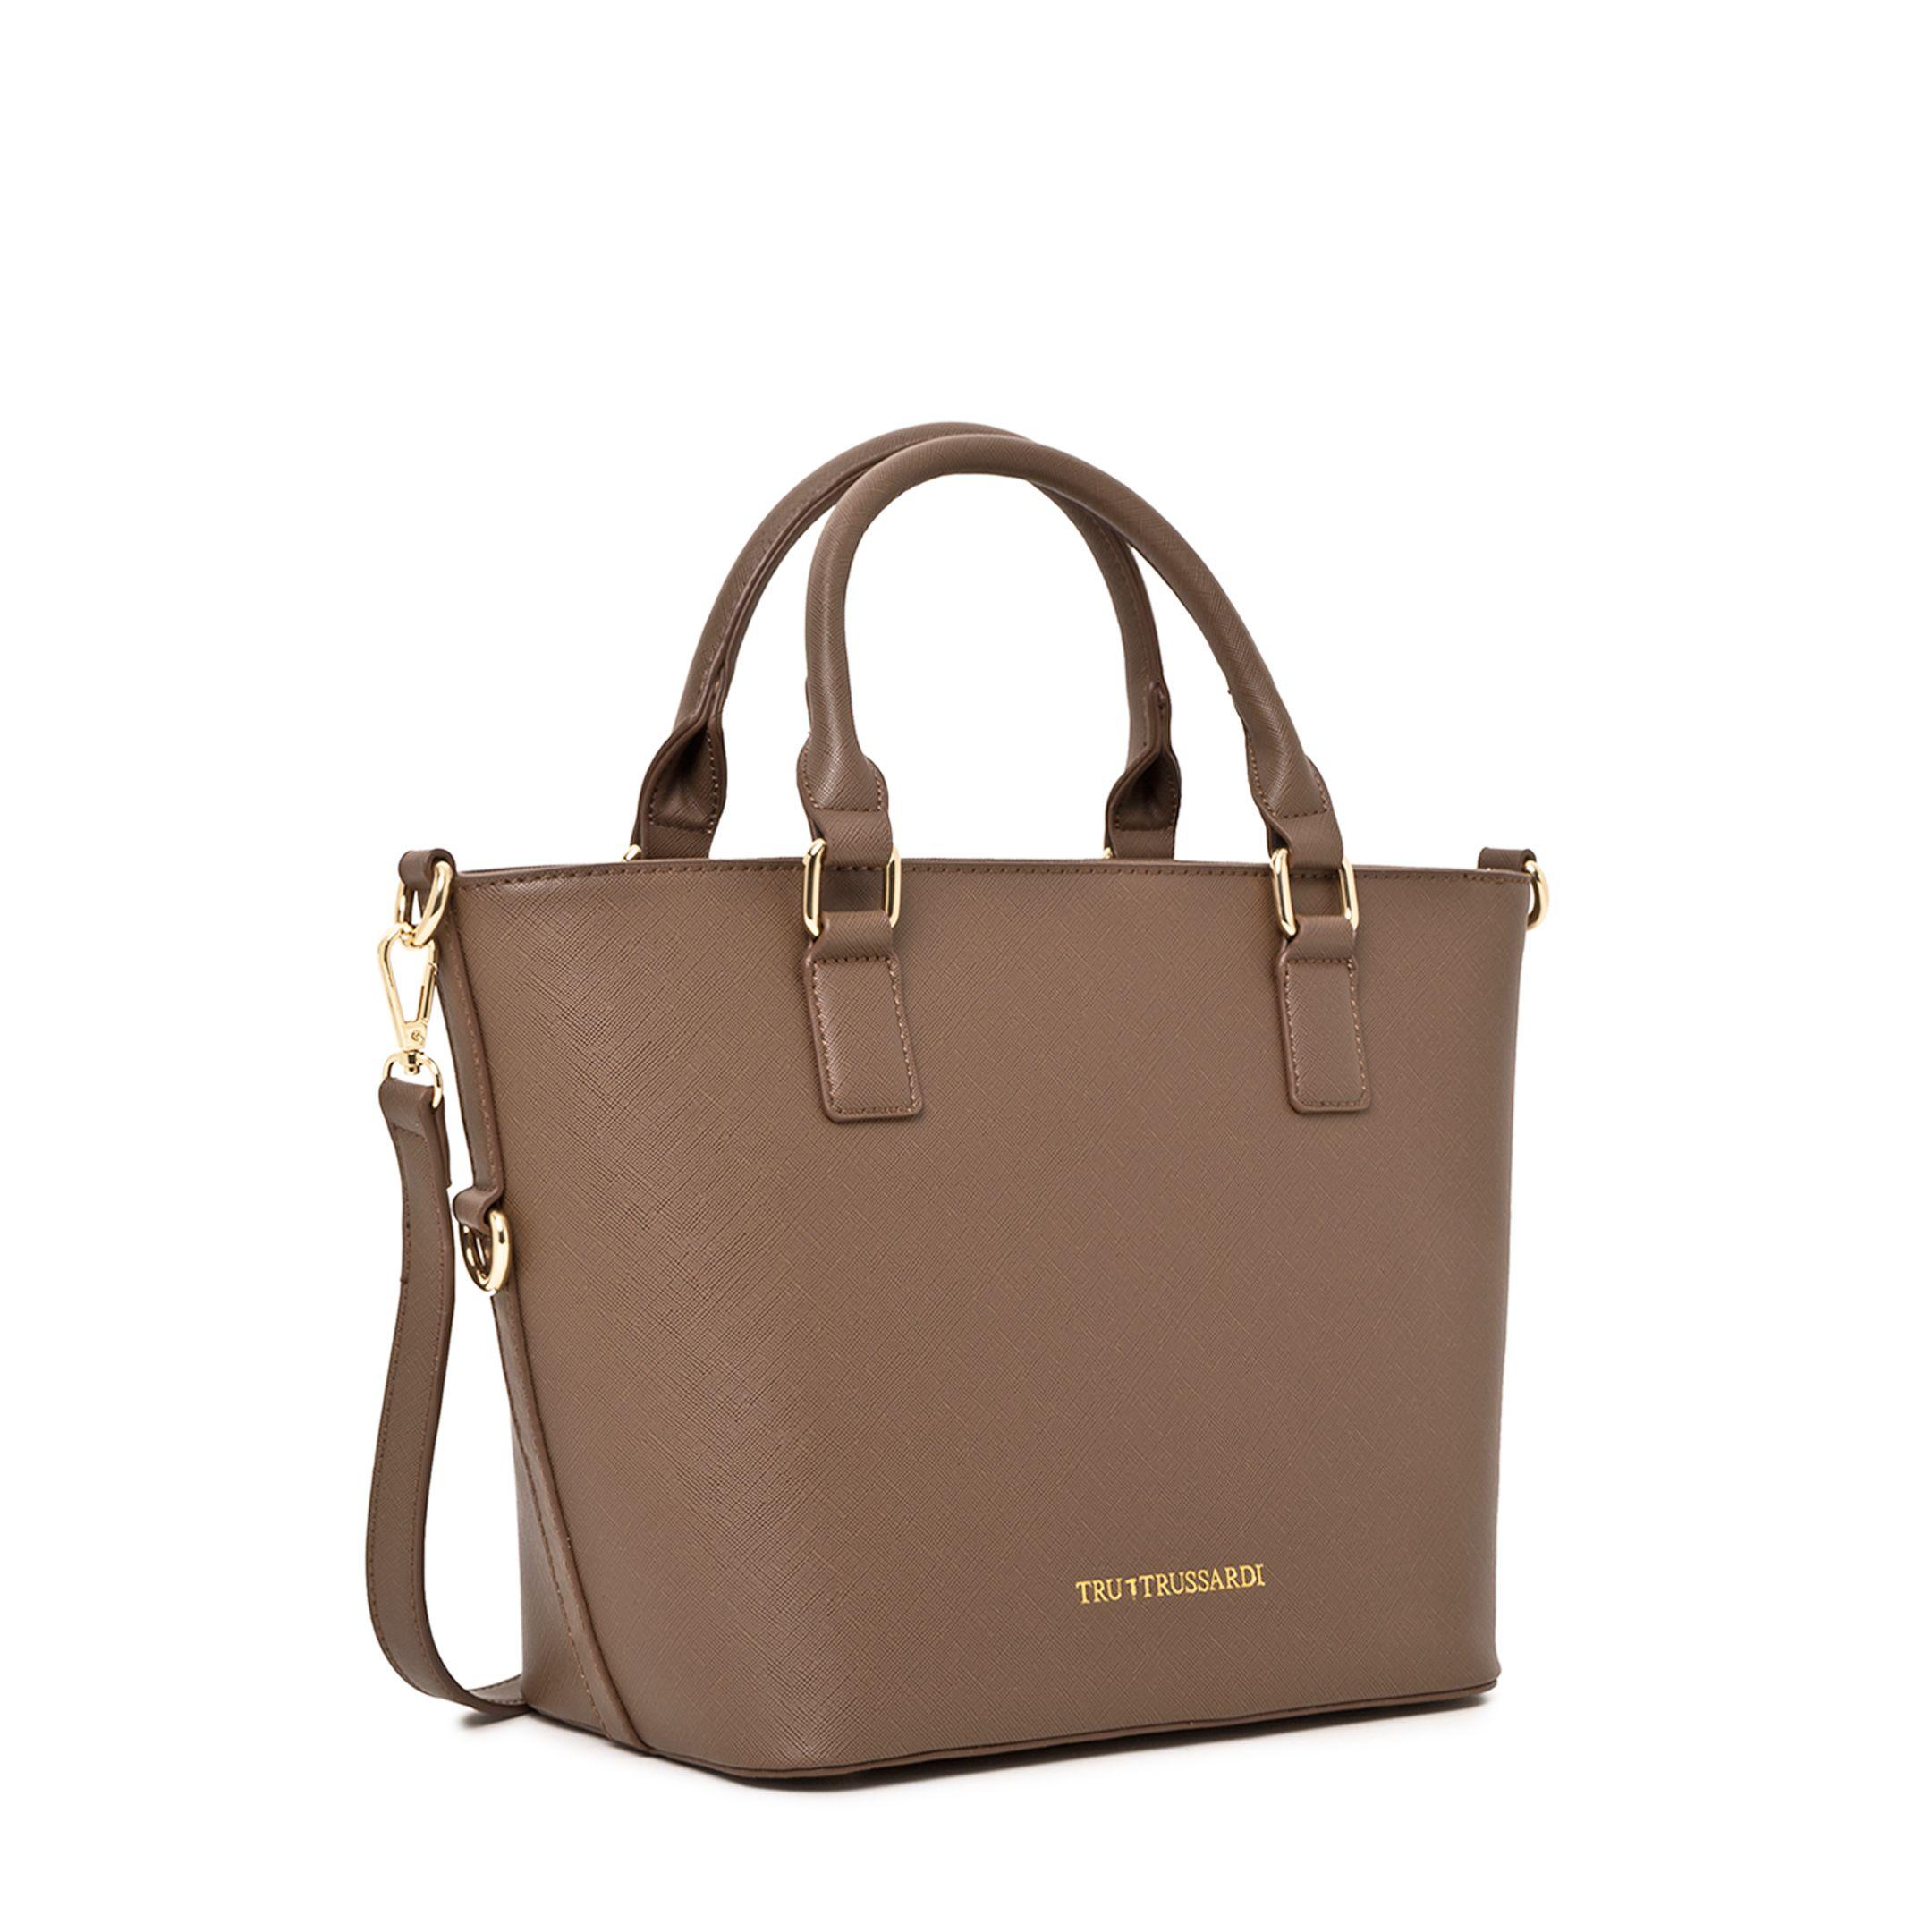 Handtaschen Trussardi – 76BTS01 – Braun